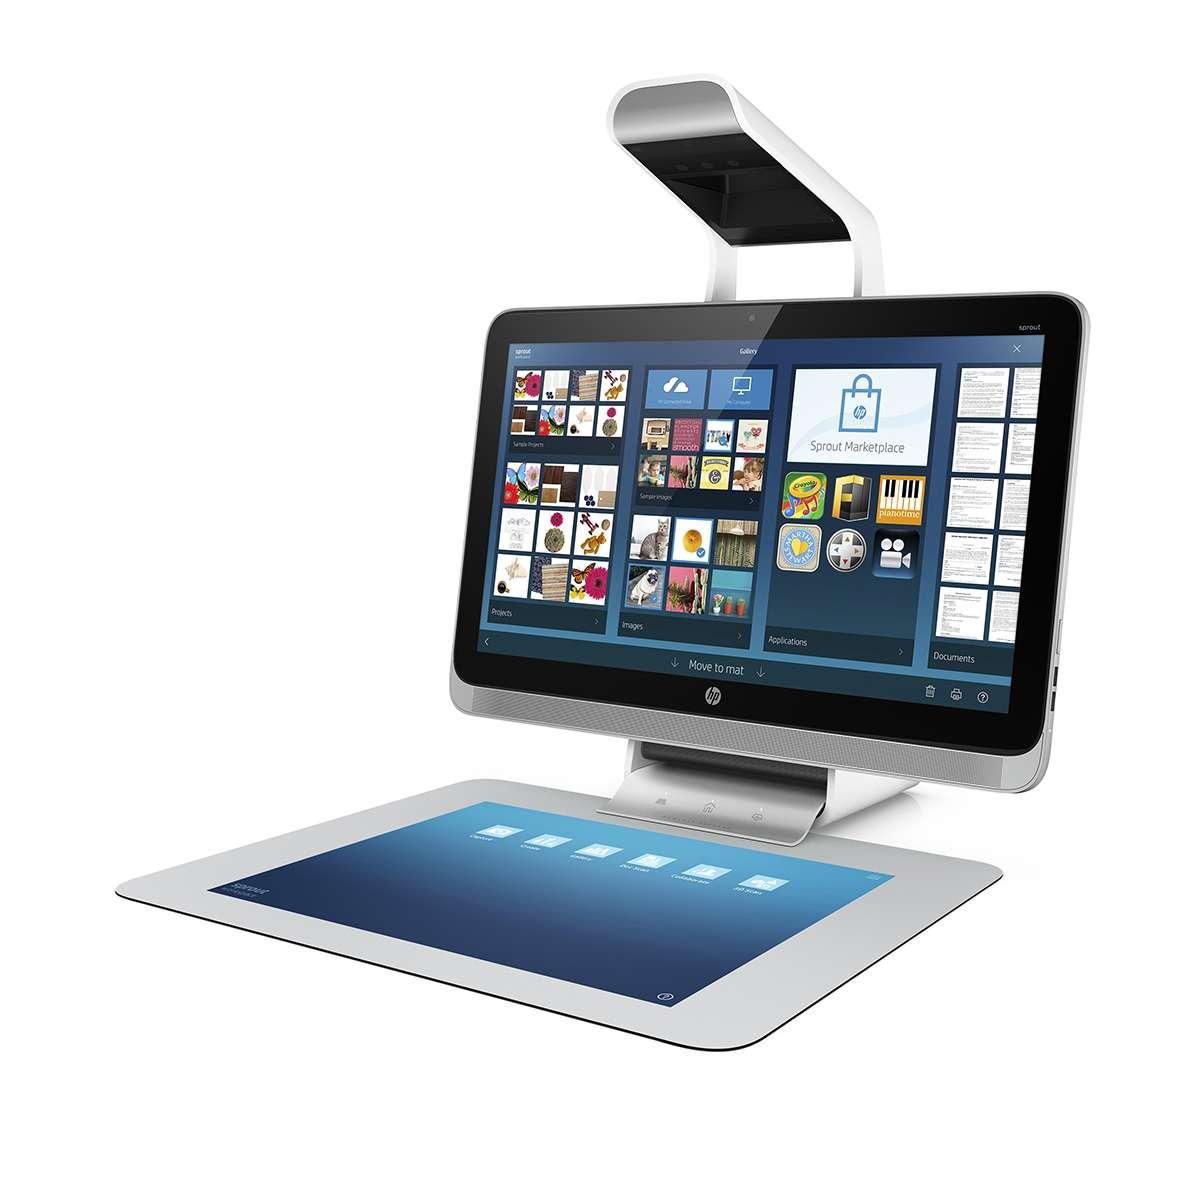 HP propose une réinterprétation du PC de bureau avec cet ordinateur dépourvu de clavier et de souris. Le module Illuminator placé au-dessus de l'écran 23 pouces (58 cm) intègre un projecteur DLP et un scanner 3D. Le système projette l'interface sur le tapis tactile pour que l'utilisateur puisse travailler avec les doigts ou un stylet, et il peut aussi scanner un objet physique en 3D placé sur le tapis. © HP